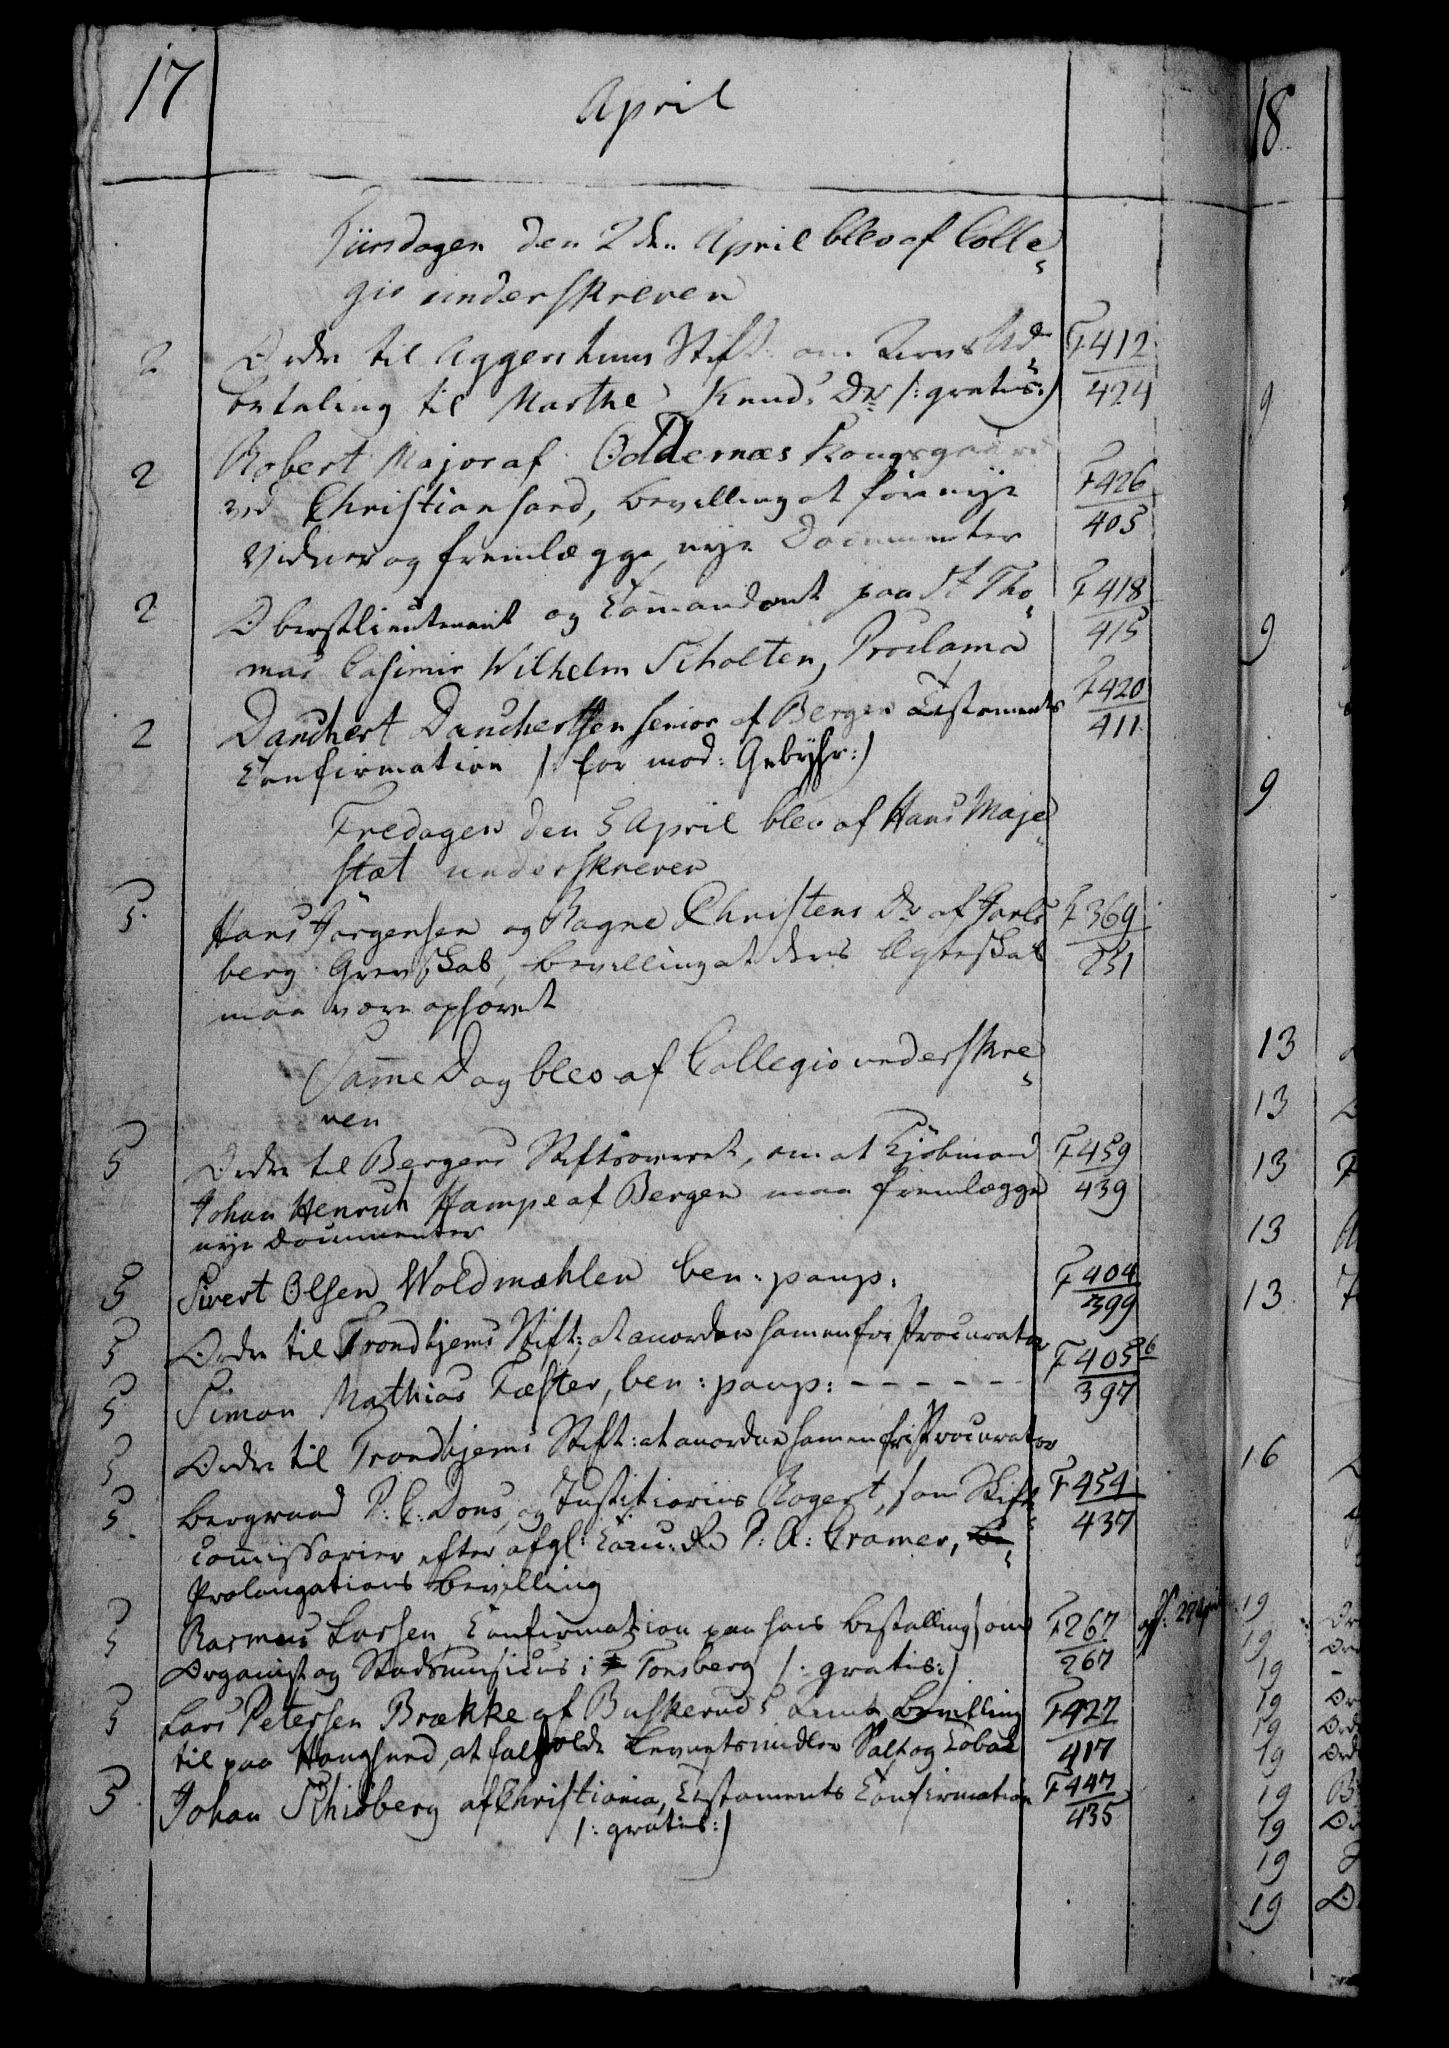 RA, Danske Kanselli 1800-1814, H/Hf/Hfb/Hfbc/L0006: Underskrivelsesbok m. register, 1805, s. 17